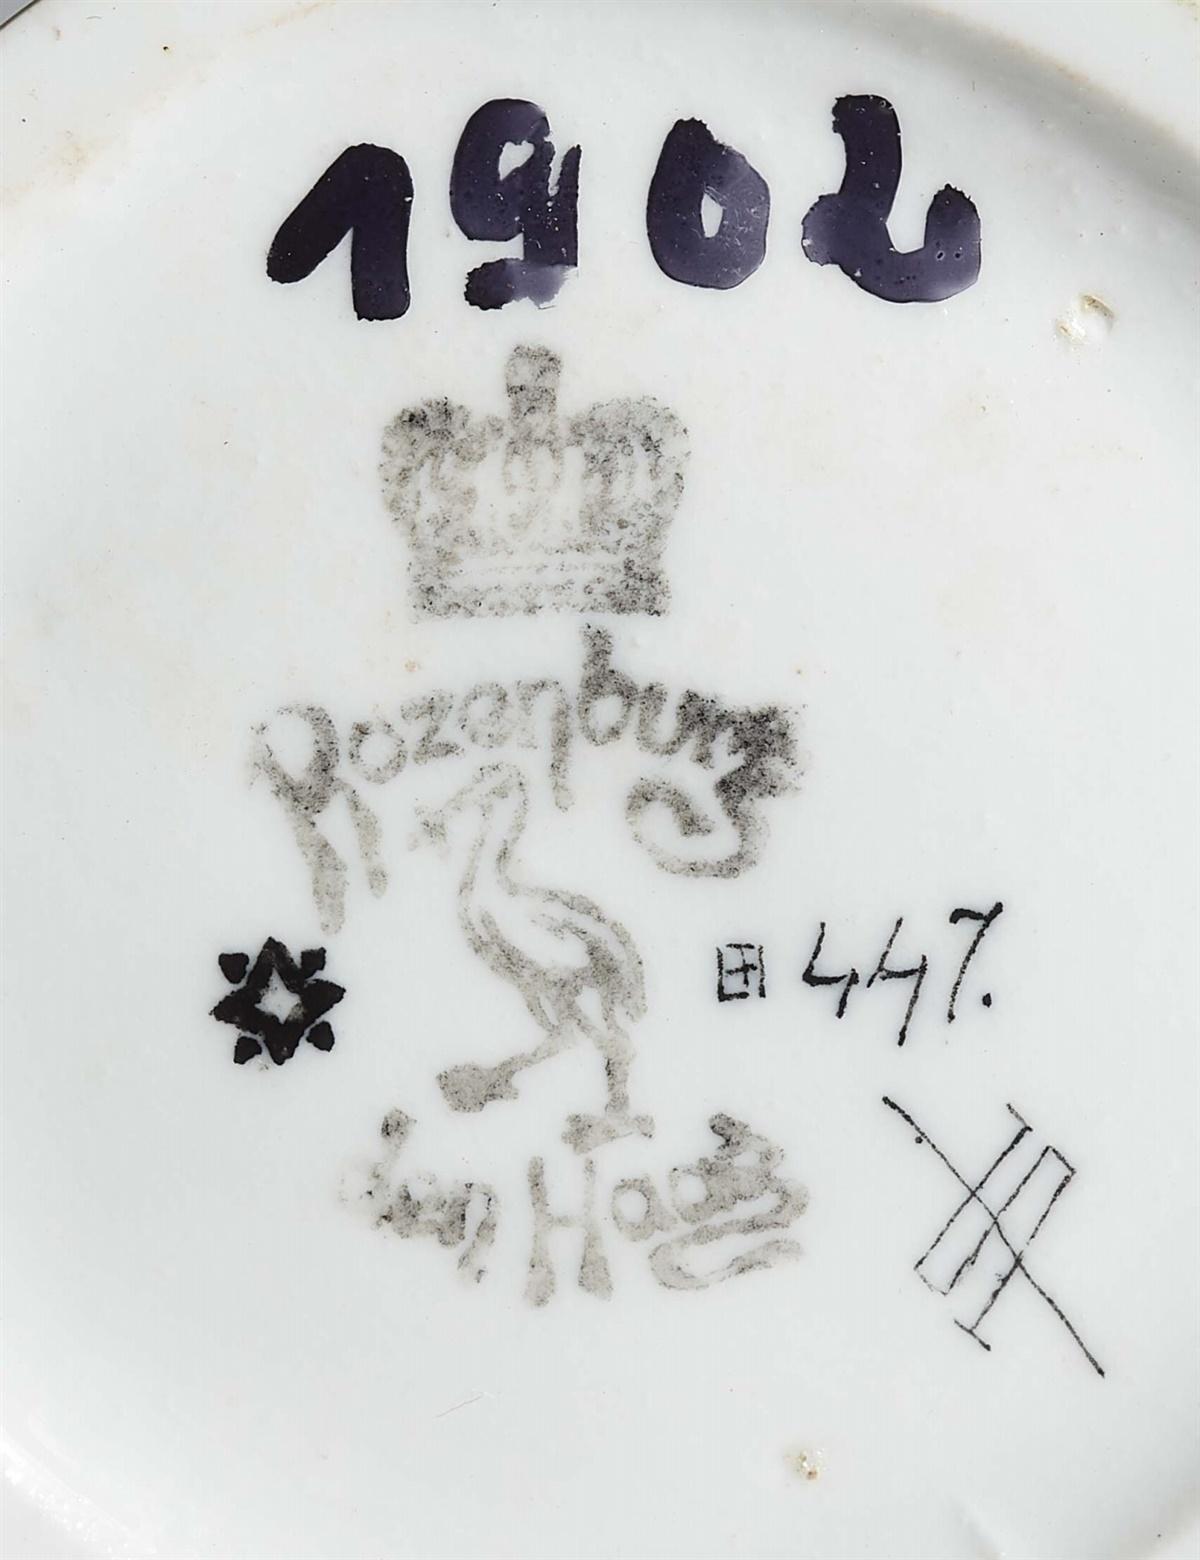 Lot 16 - Holländische Vase mit ChrysanthemenEierschalenporzellan mit farbigem Aufglasurdekor. Schwarze